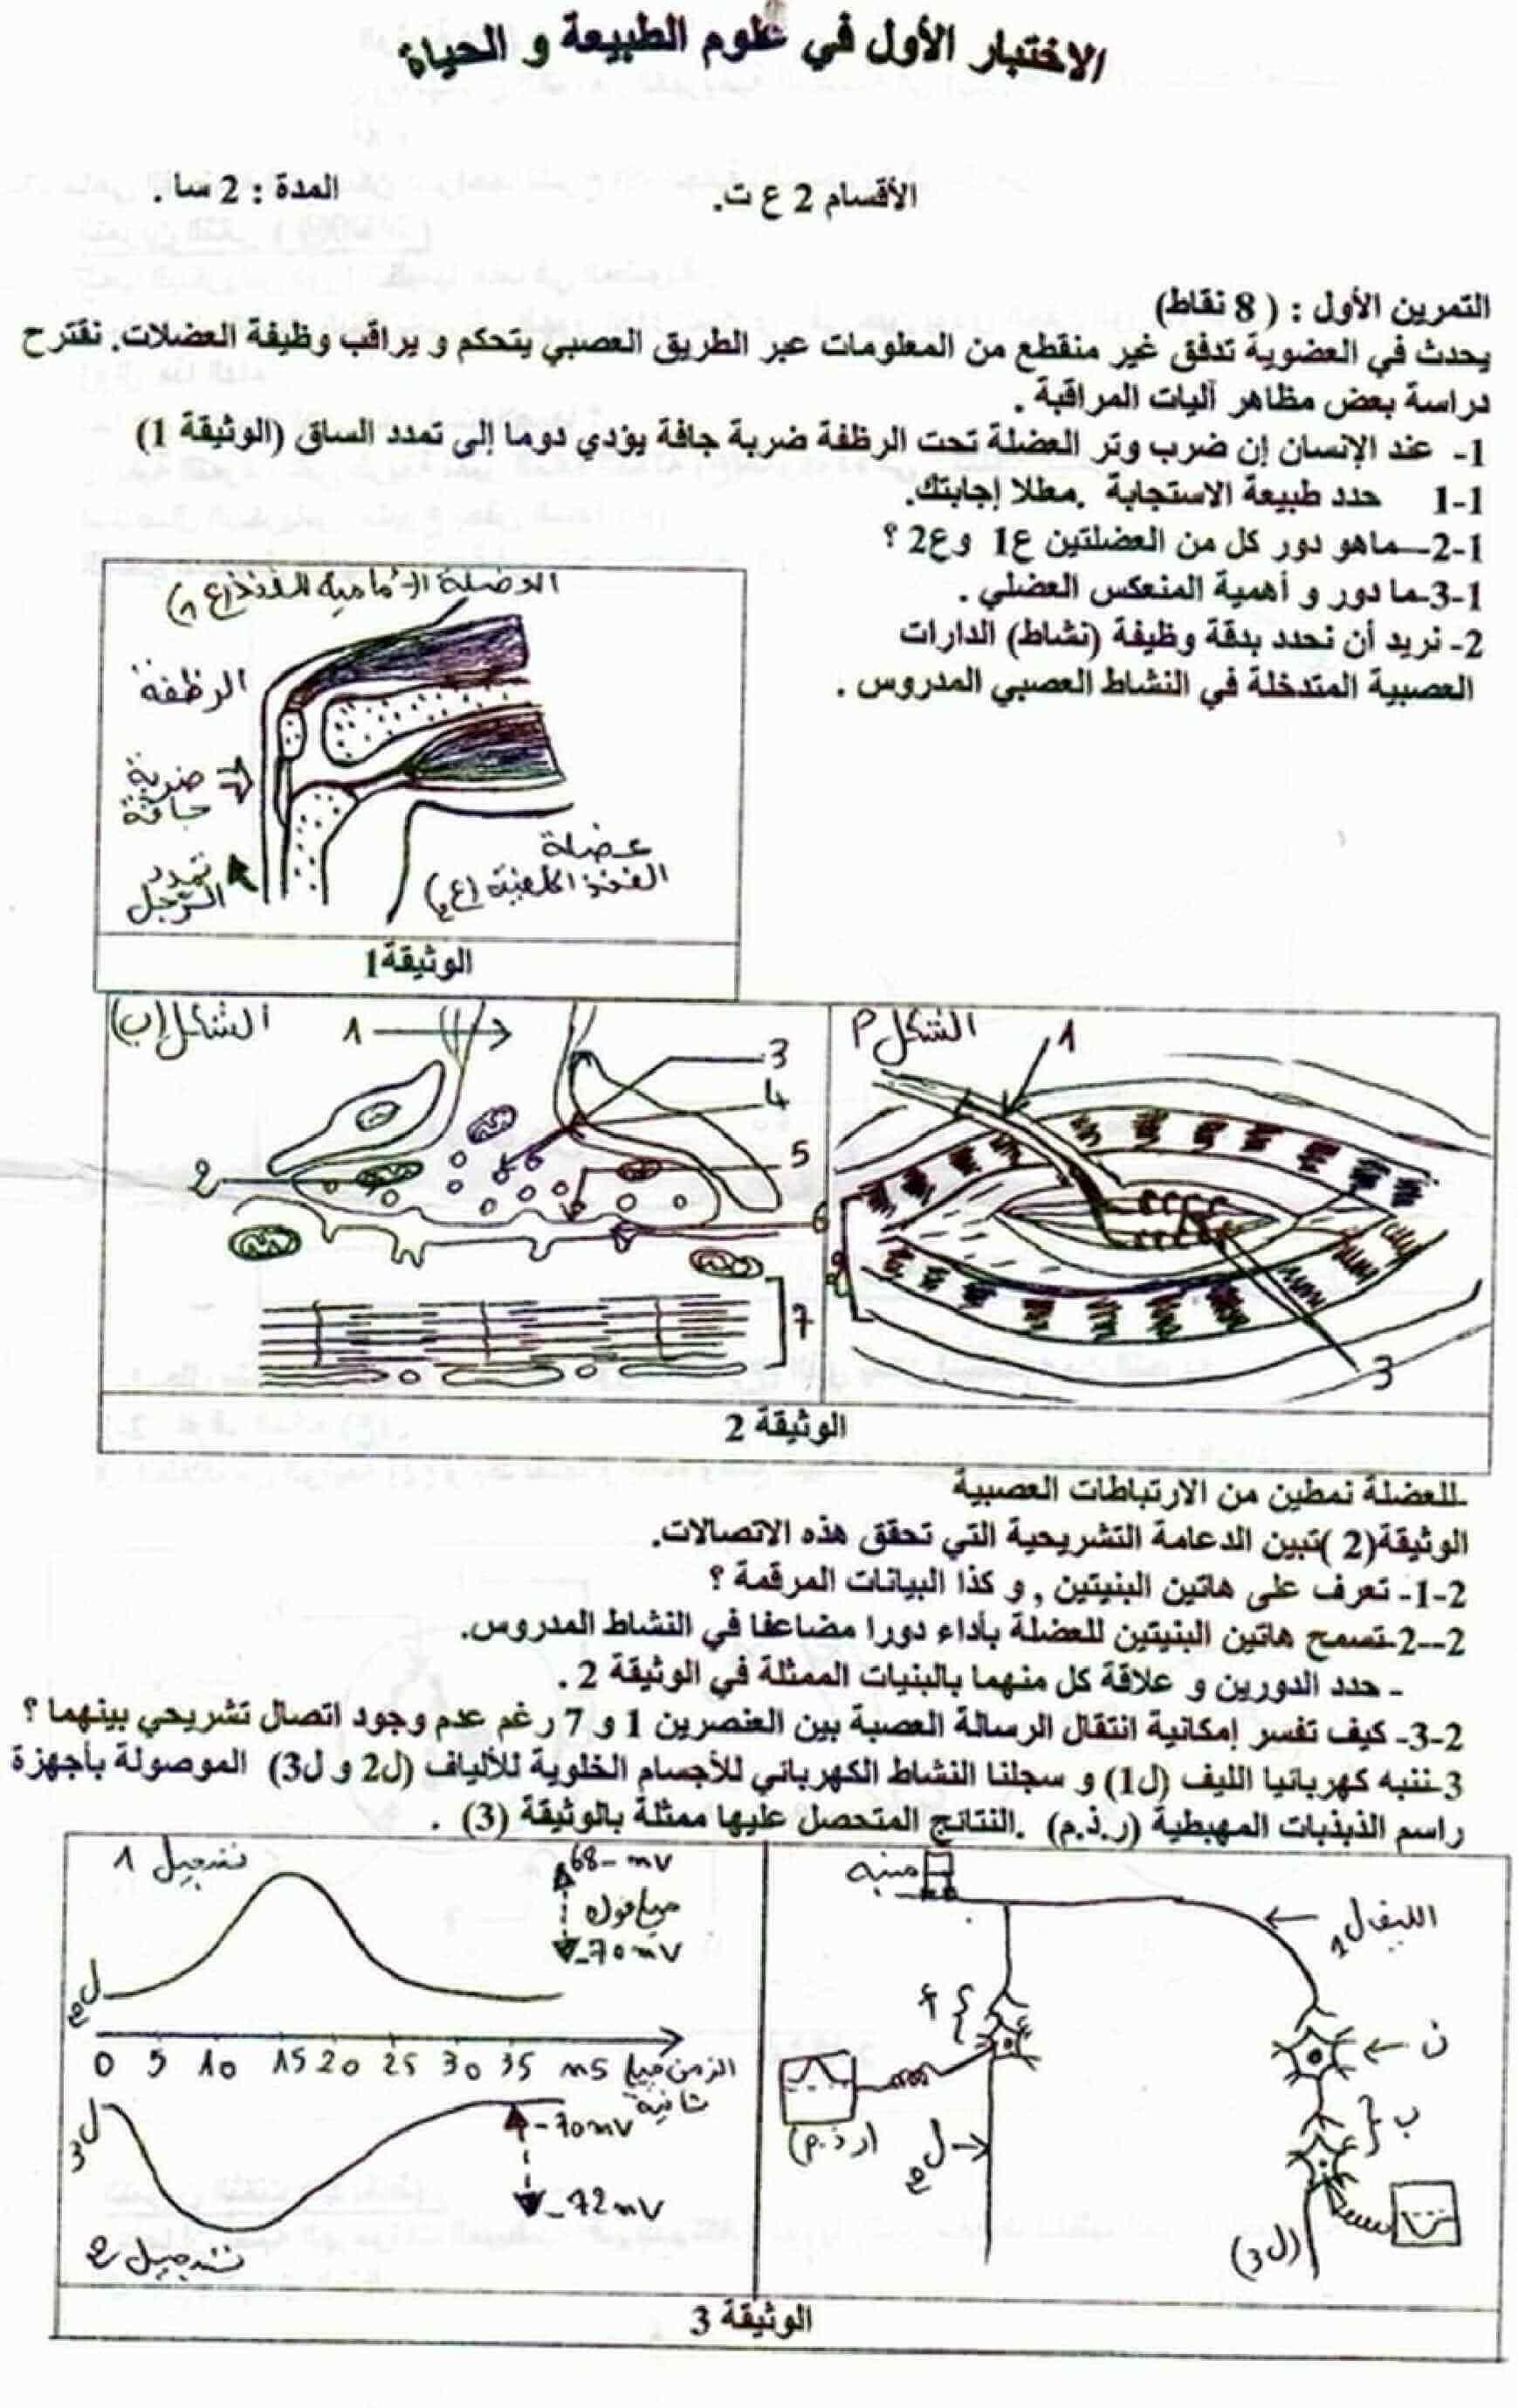 كتاب المتميز في العلوم الطبيعية للسنة الثانية ثانوي pdf